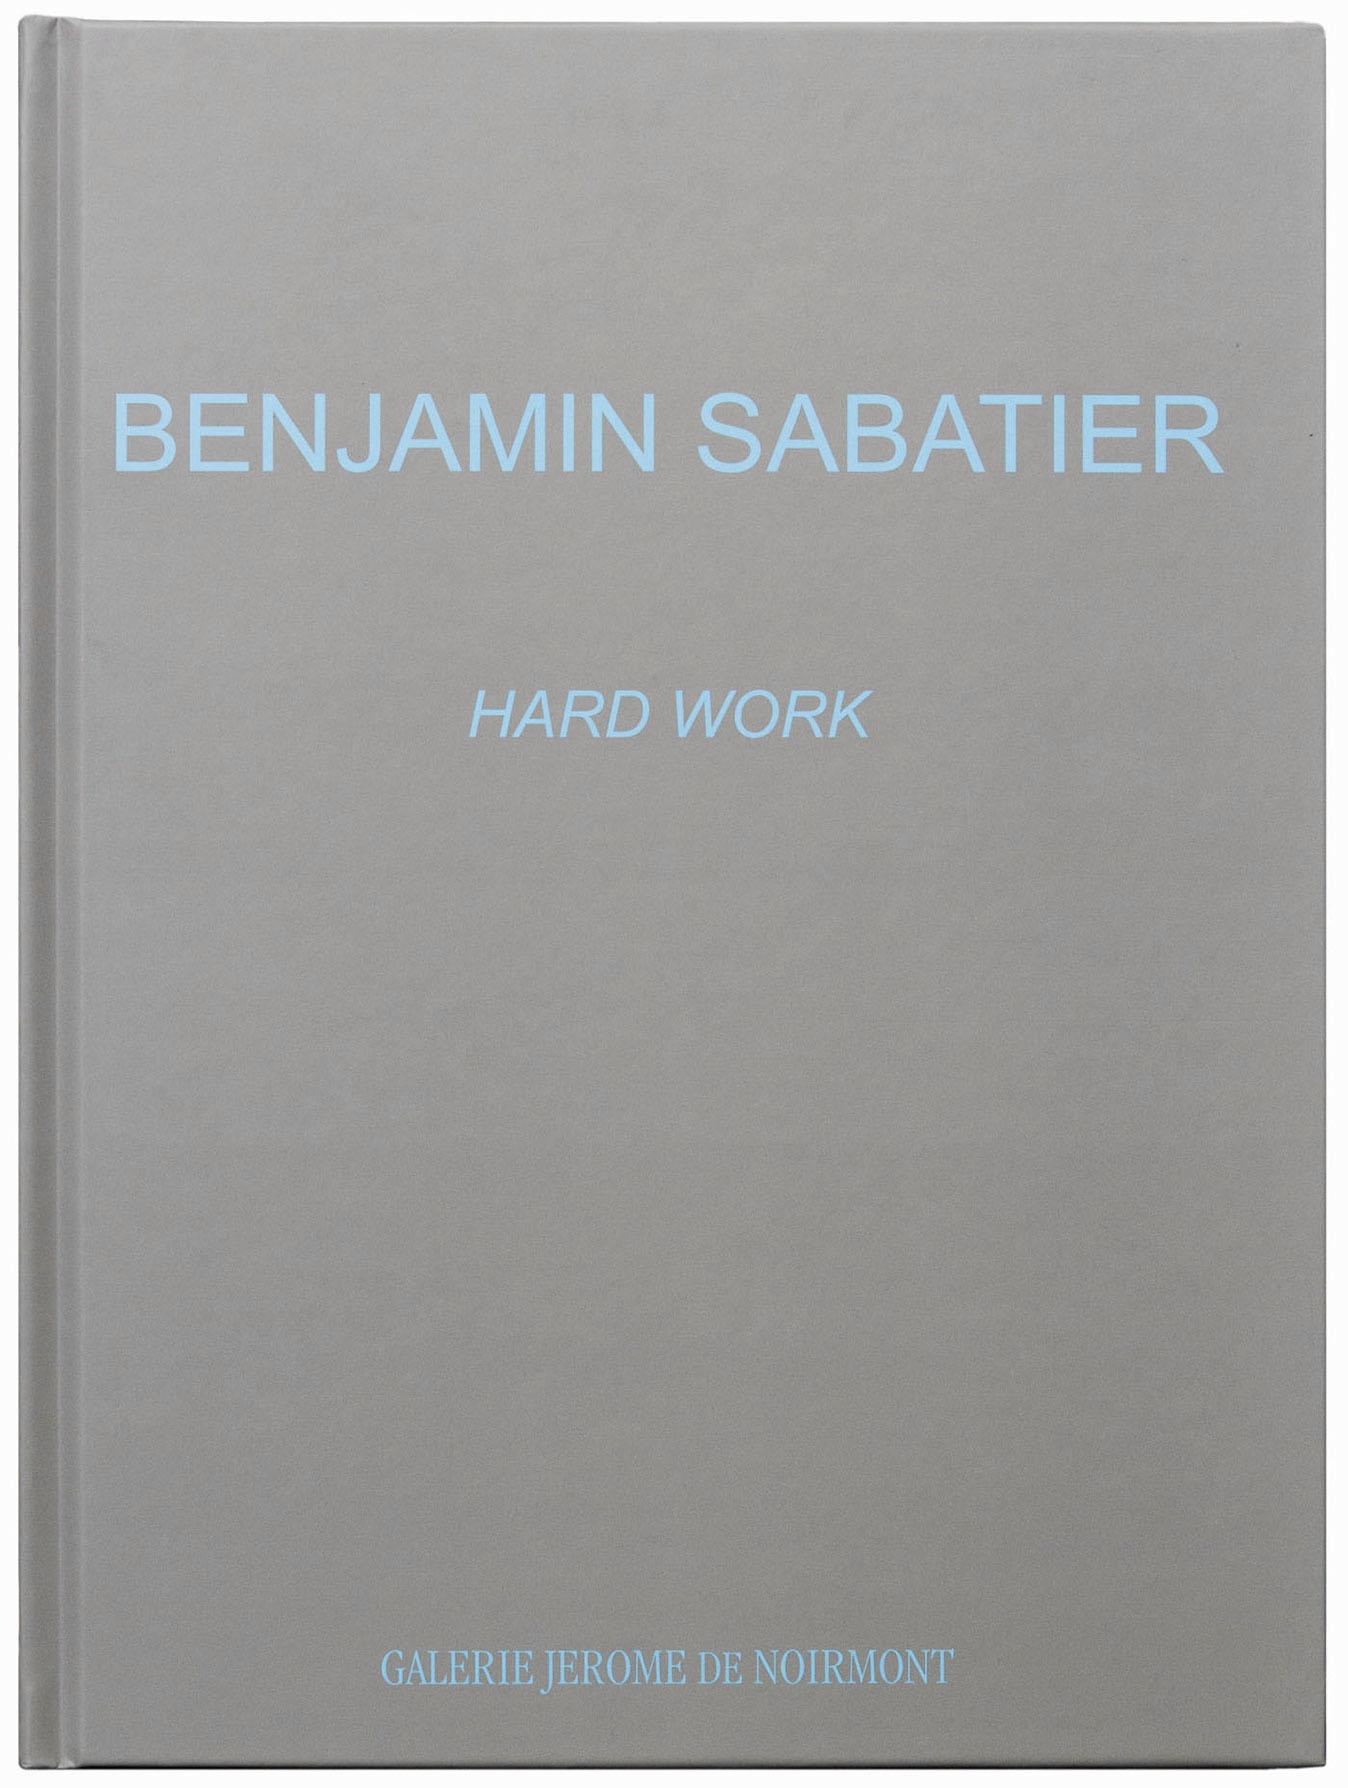 Benjamin Sabatier / Ed. de Noirmont